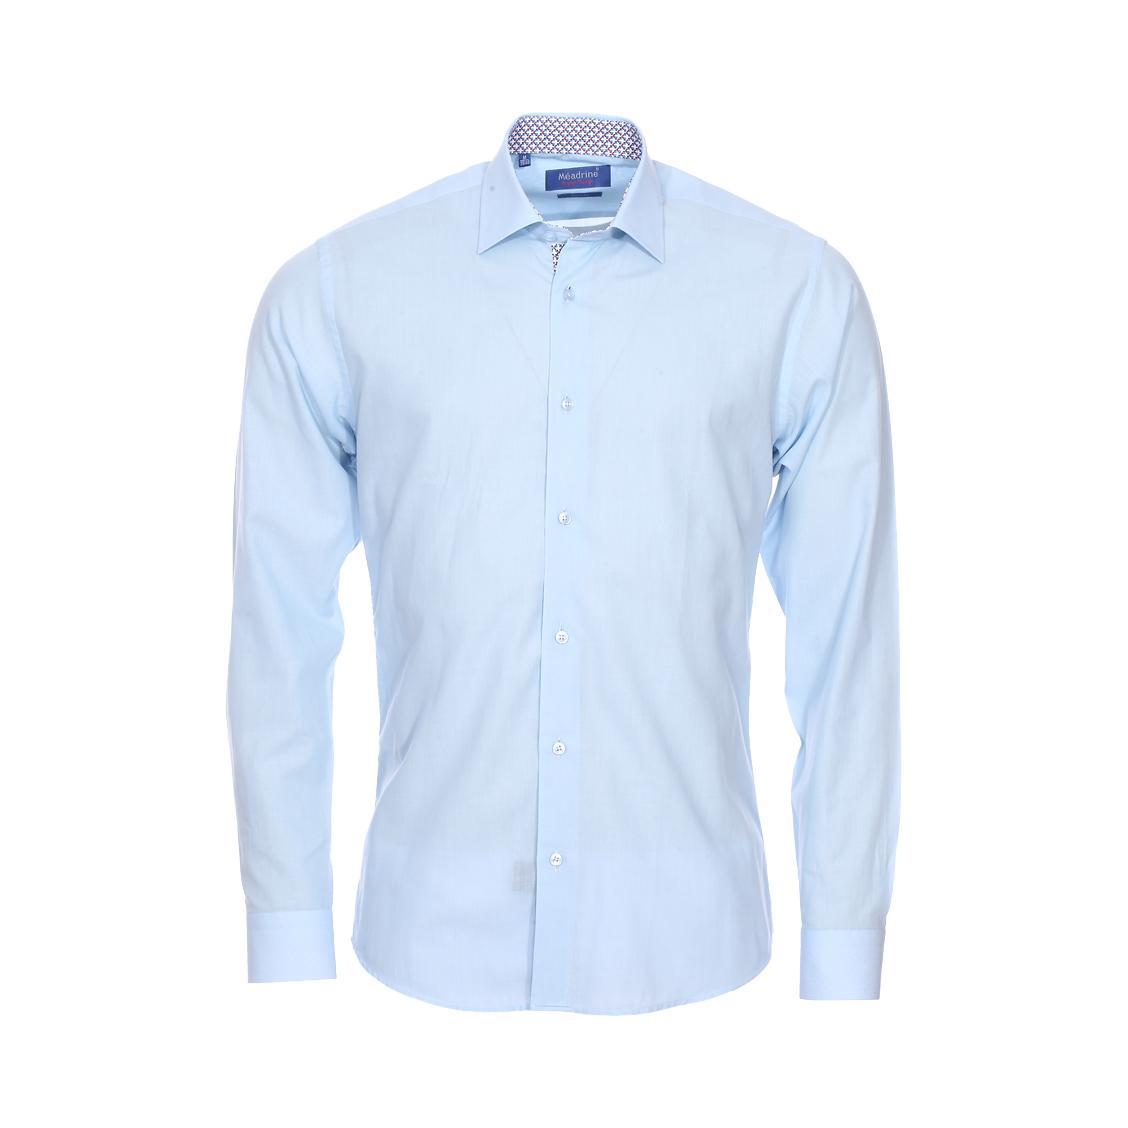 Chemise cintrée  en voile bleu ciel à opposition à motifs bleus, blancs et rouges